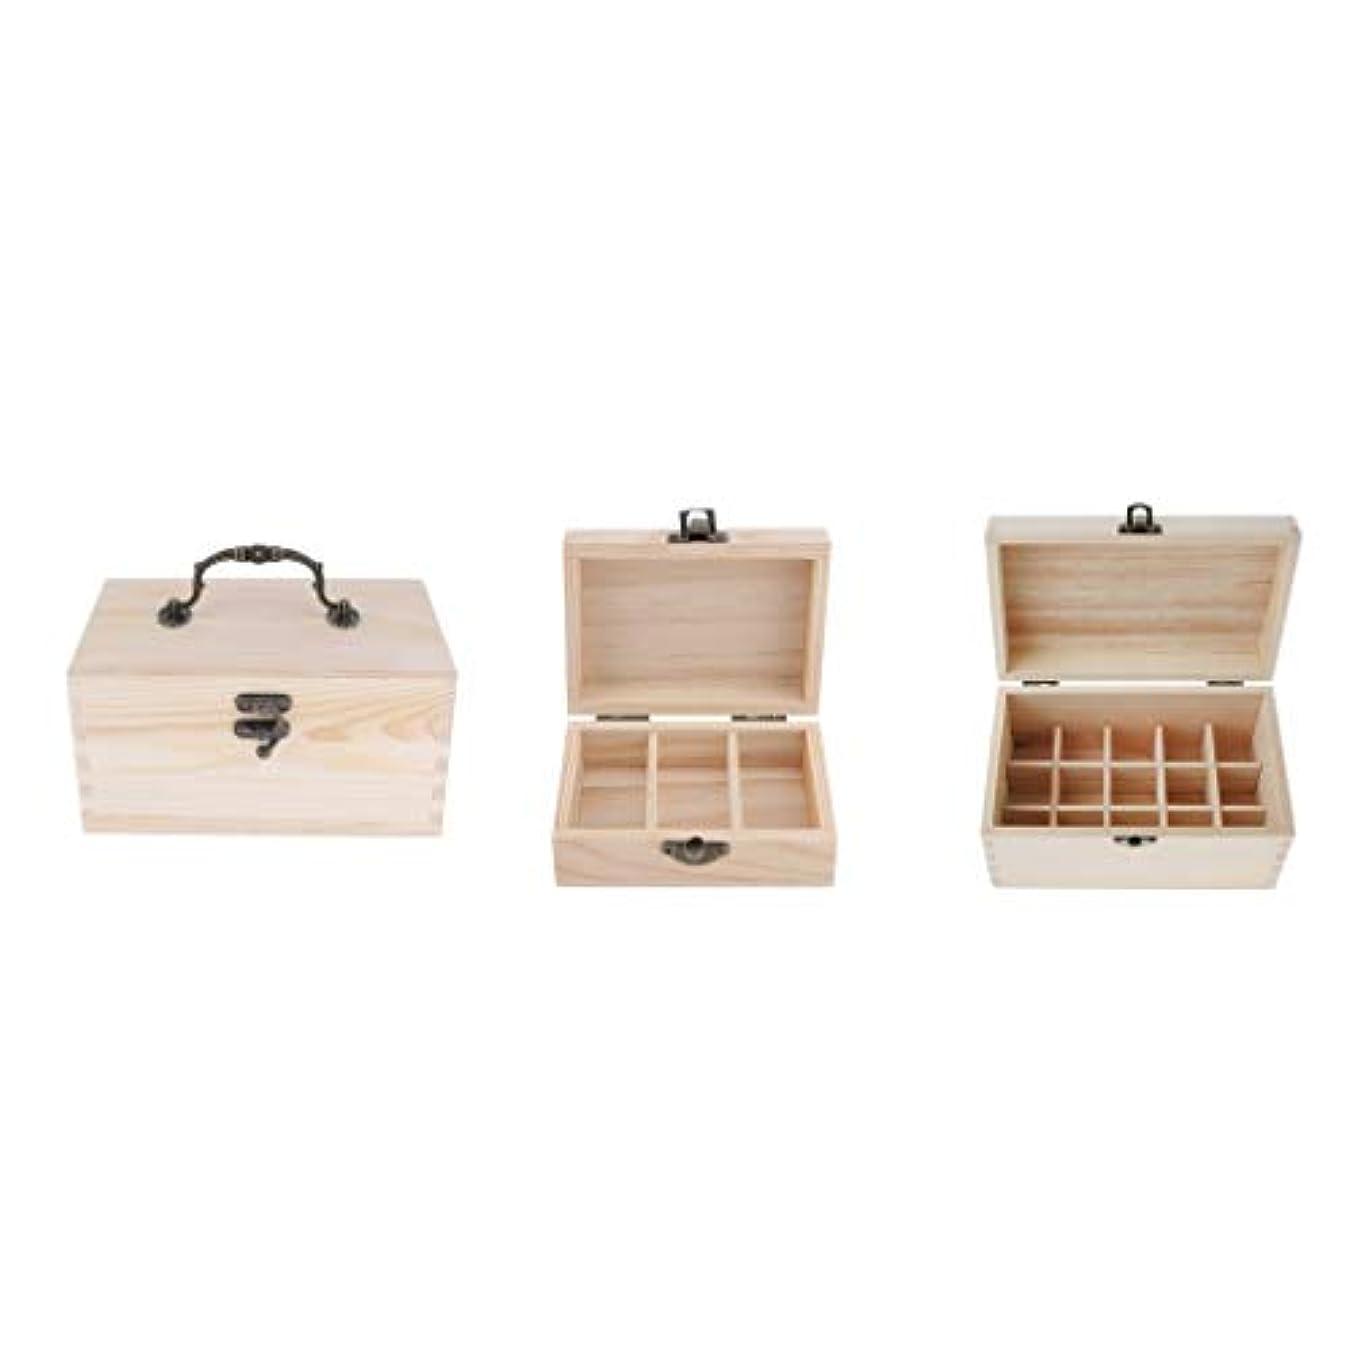 金曜日集団的サーマルエッセンシャルオイル 収納ボックス 木製ボックス 精油収納 香水収納ケース 3個セット